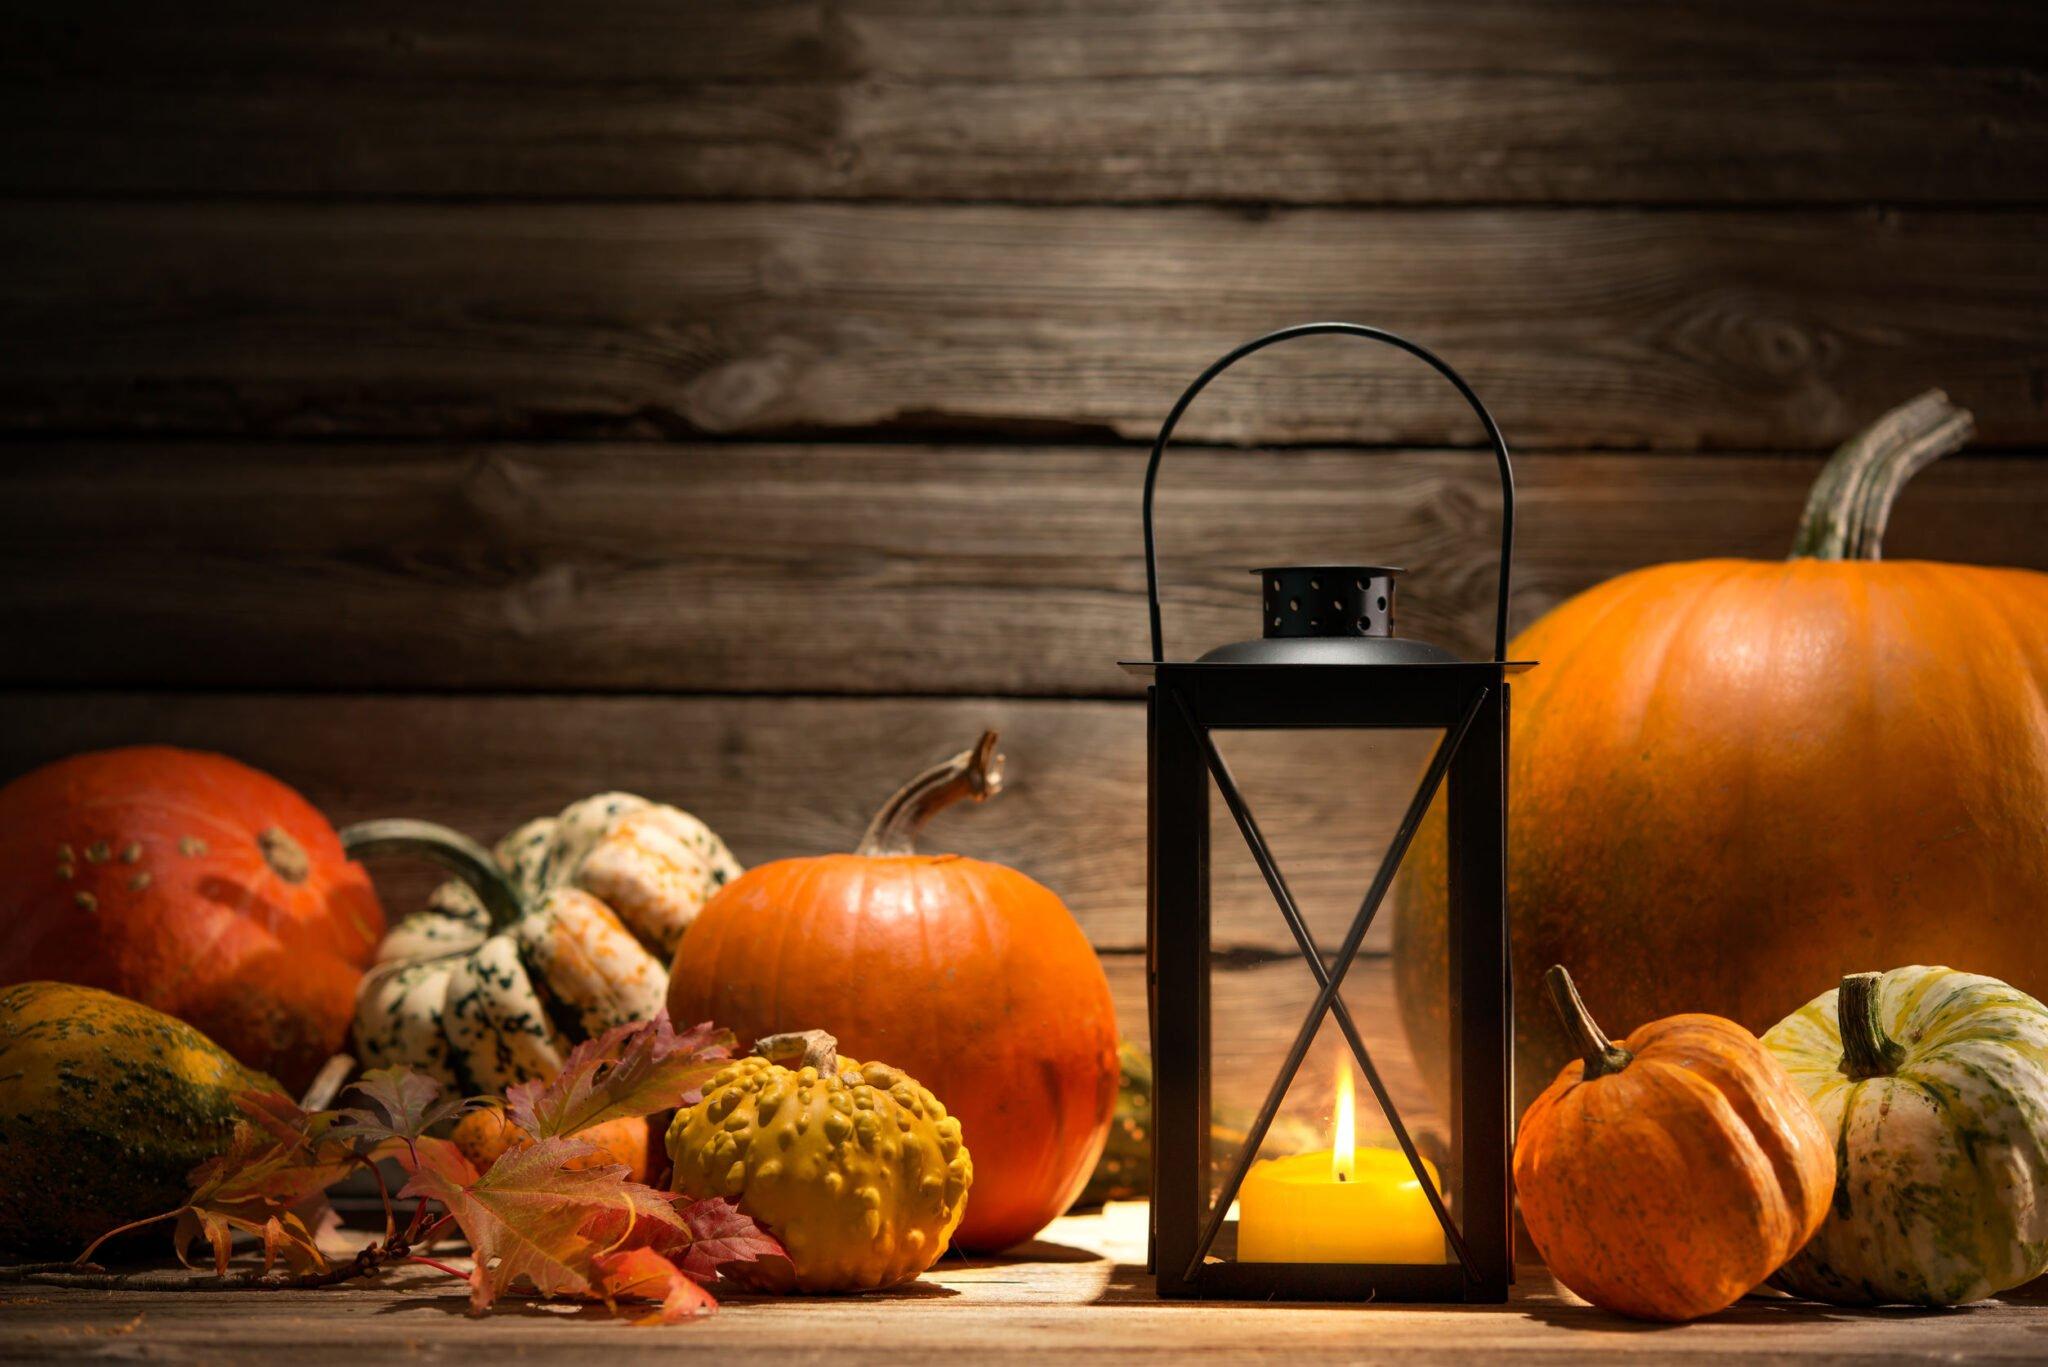 Herfst & halloween decoratie ideeën voor binnen en buiten. - mamaliefde.nl